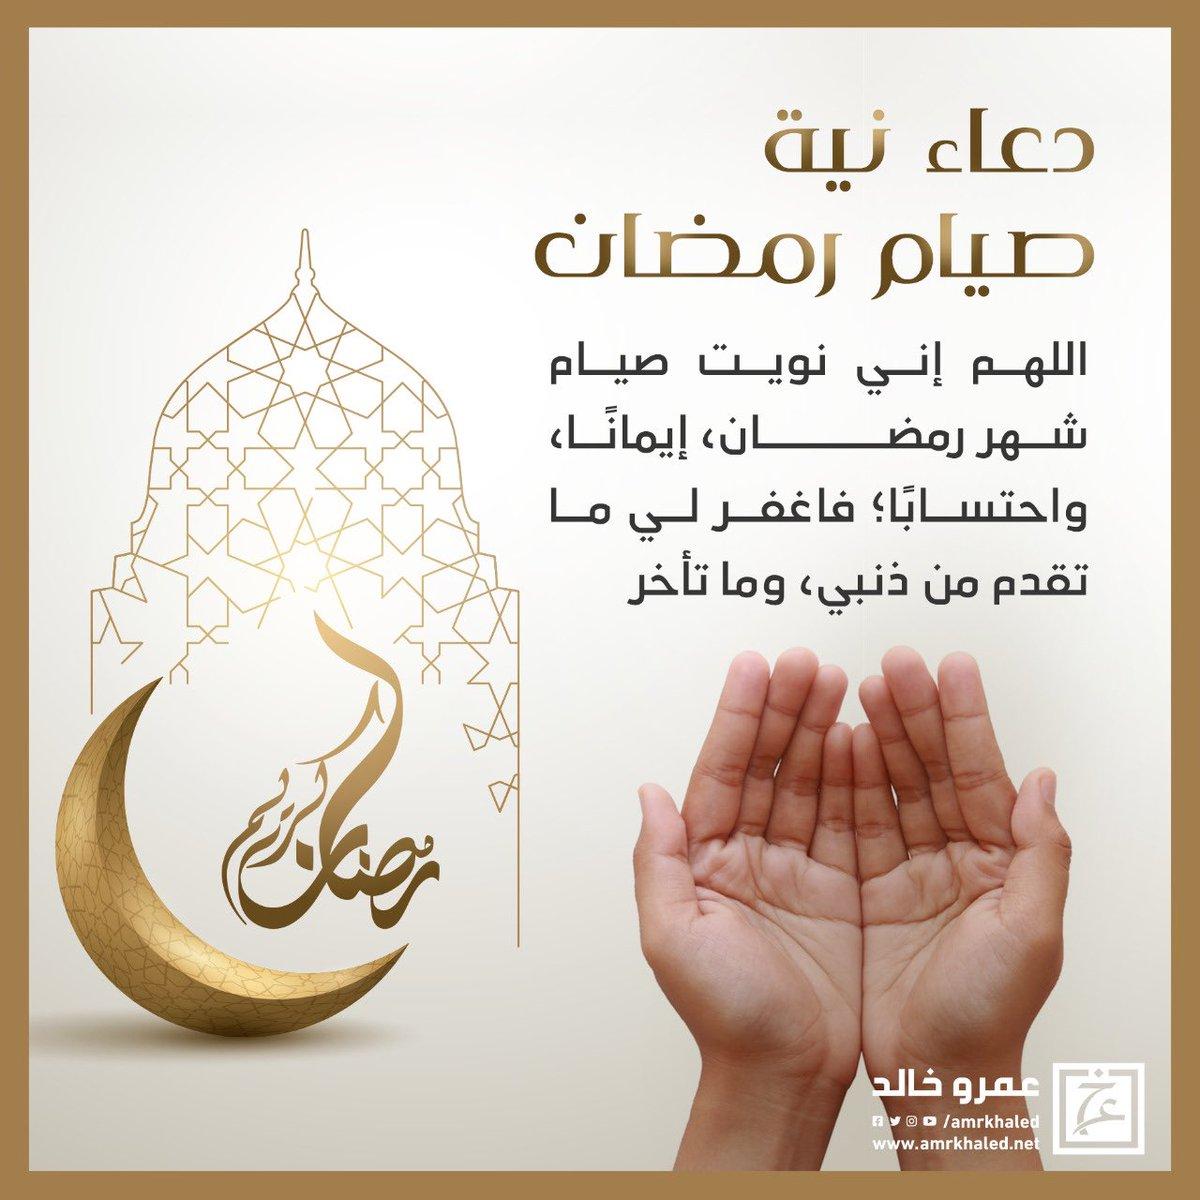 هل النيه في صيام رمضان